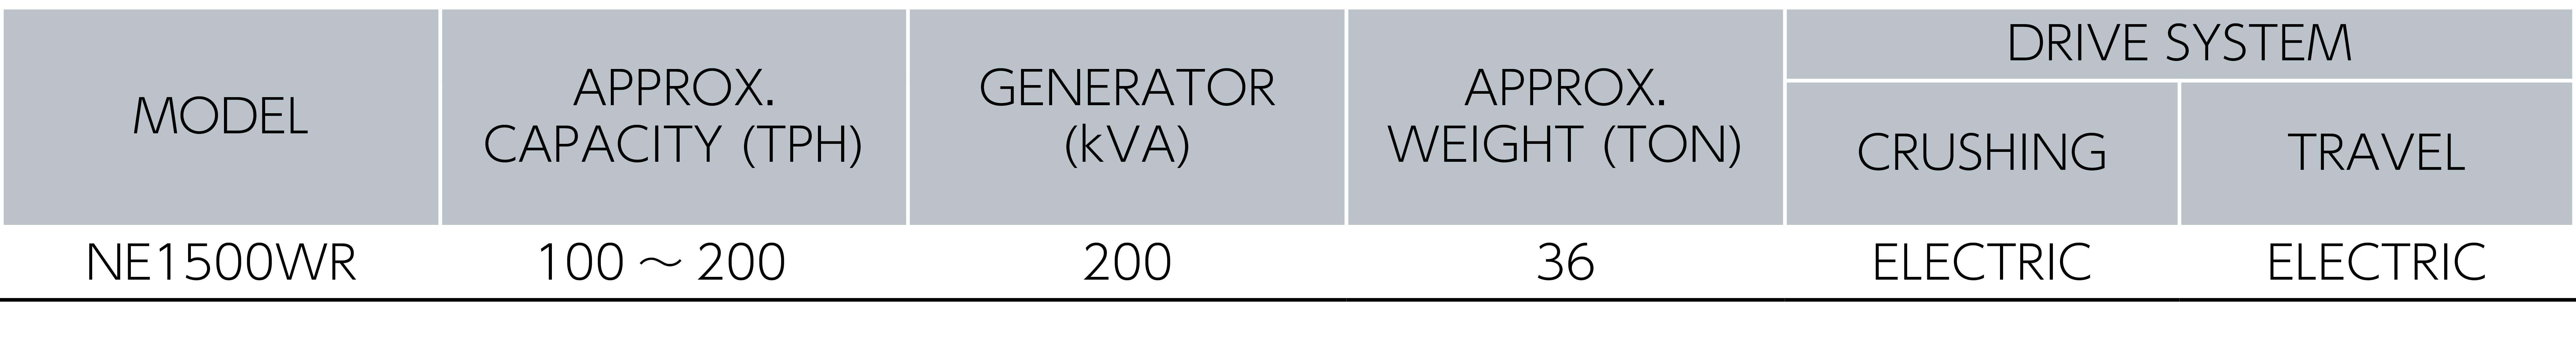 ロールクラッシャ仕様表